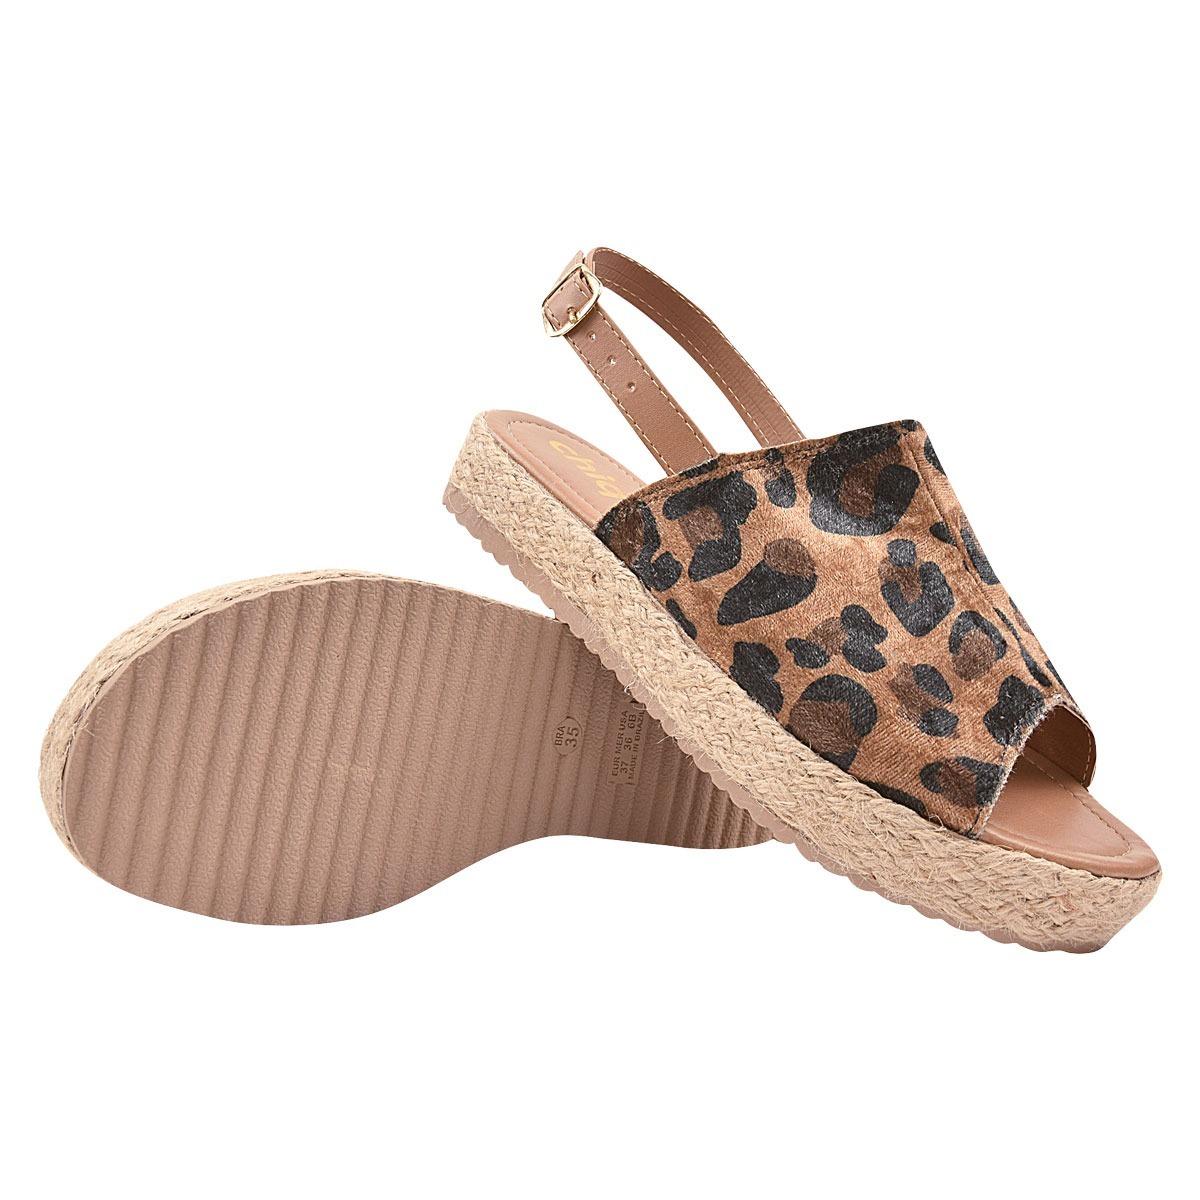 7ac62d014 sandalia feminina anabela tratorada rasteirinha moda jln 169. Carregando  zoom.